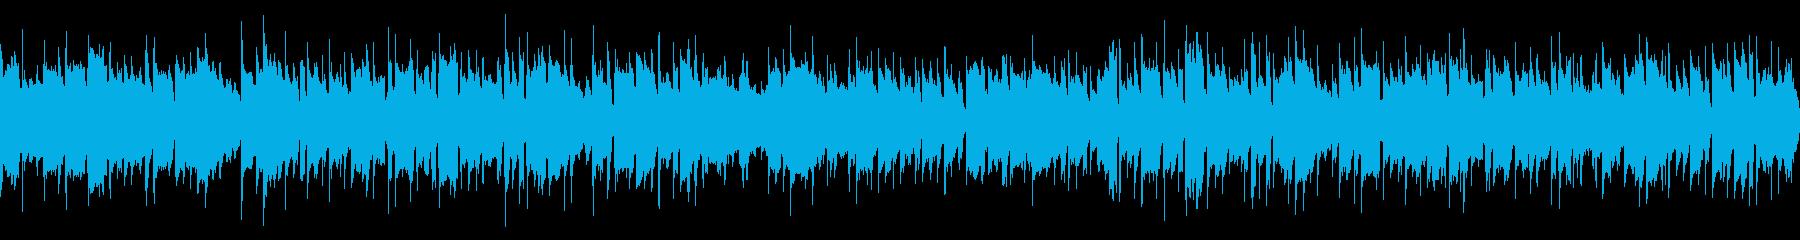 ほのぼのRPGの村ループ(リメイク版)の再生済みの波形